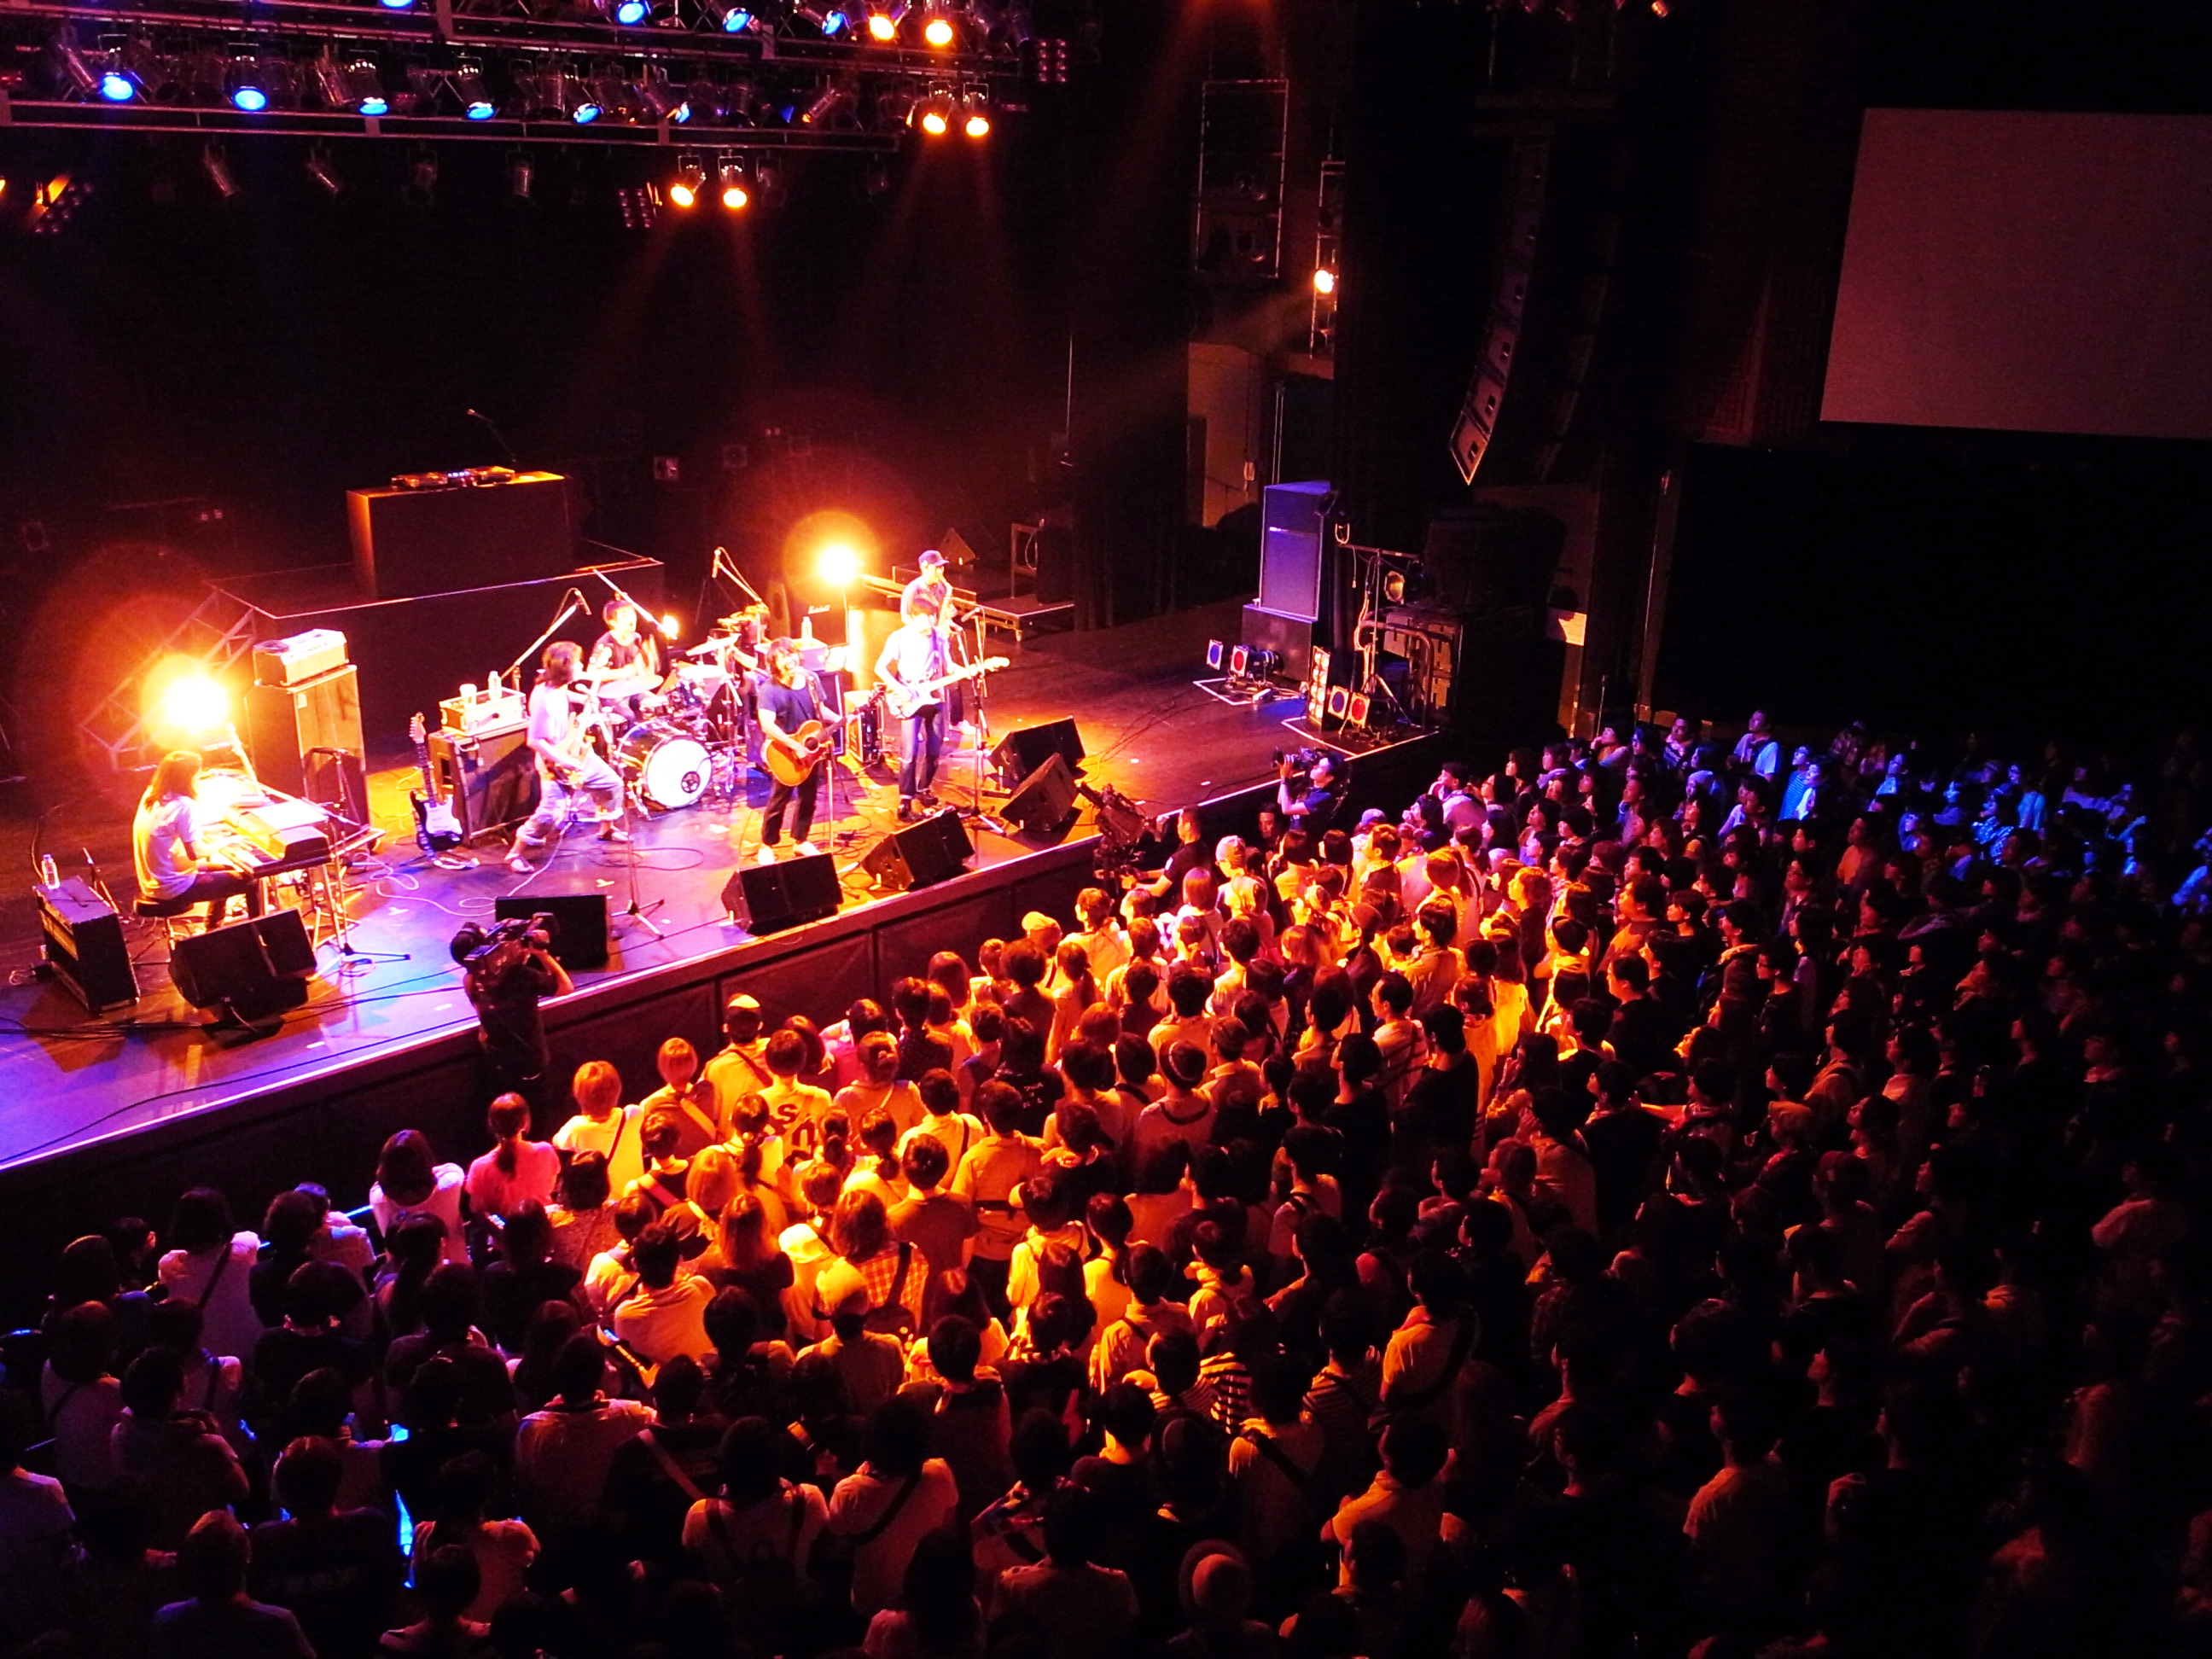 曽我部恵一BAND LIVEセットリストUPしました。6/22<YATSUI FESTIVAL 2013>@東京 渋谷7会場